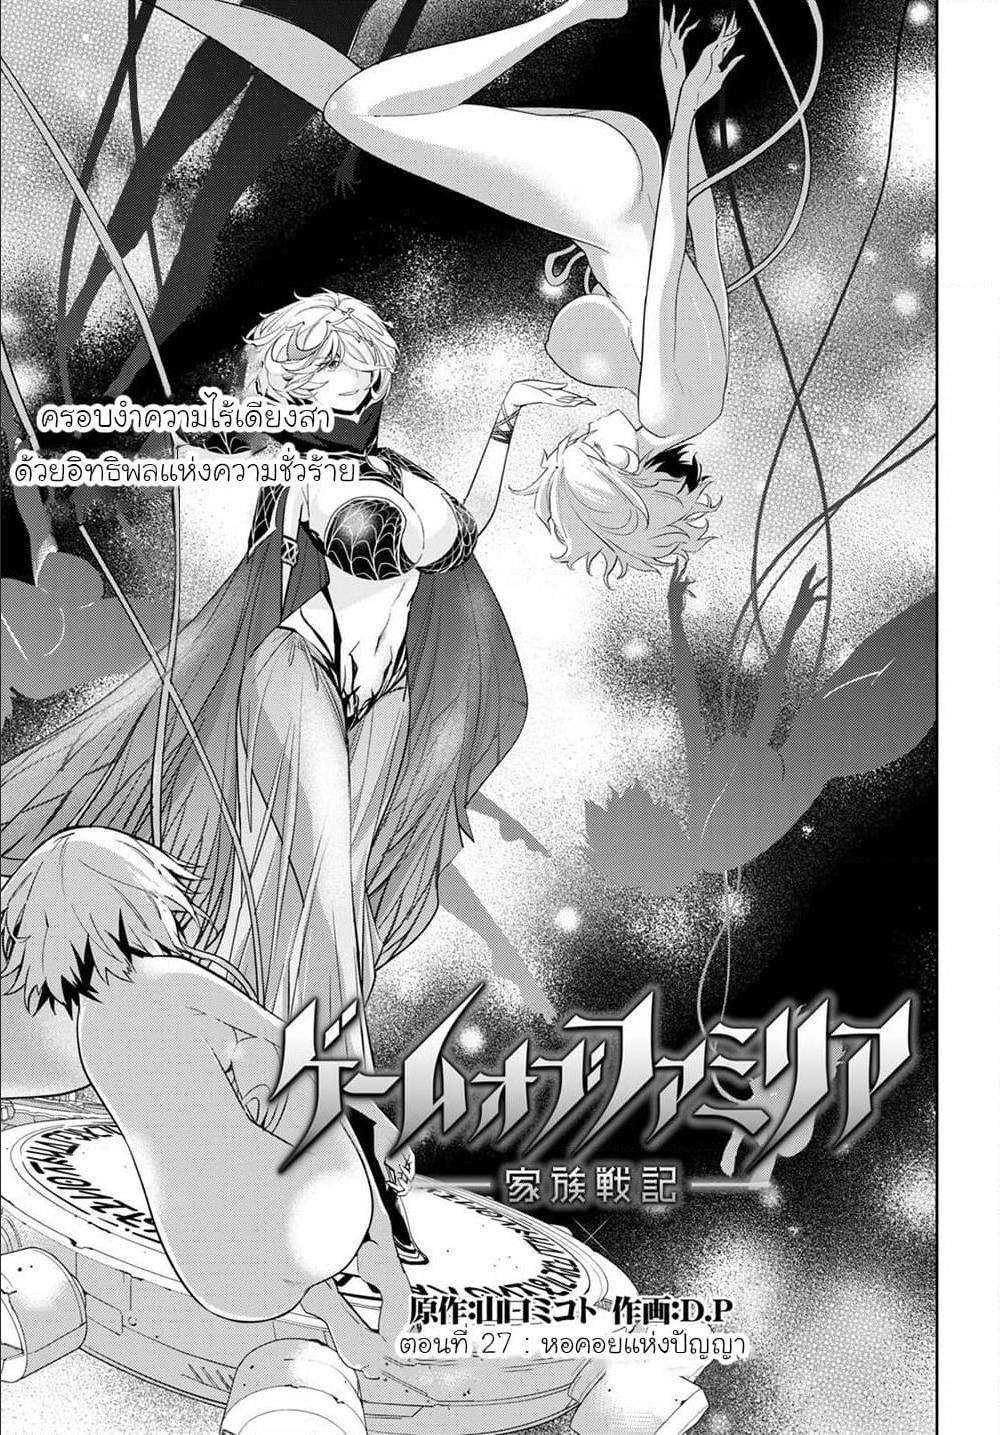 อ่านการ์ตูน Game obu Familia - Family Senki ตอนที่ 27 หน้าที่ 2